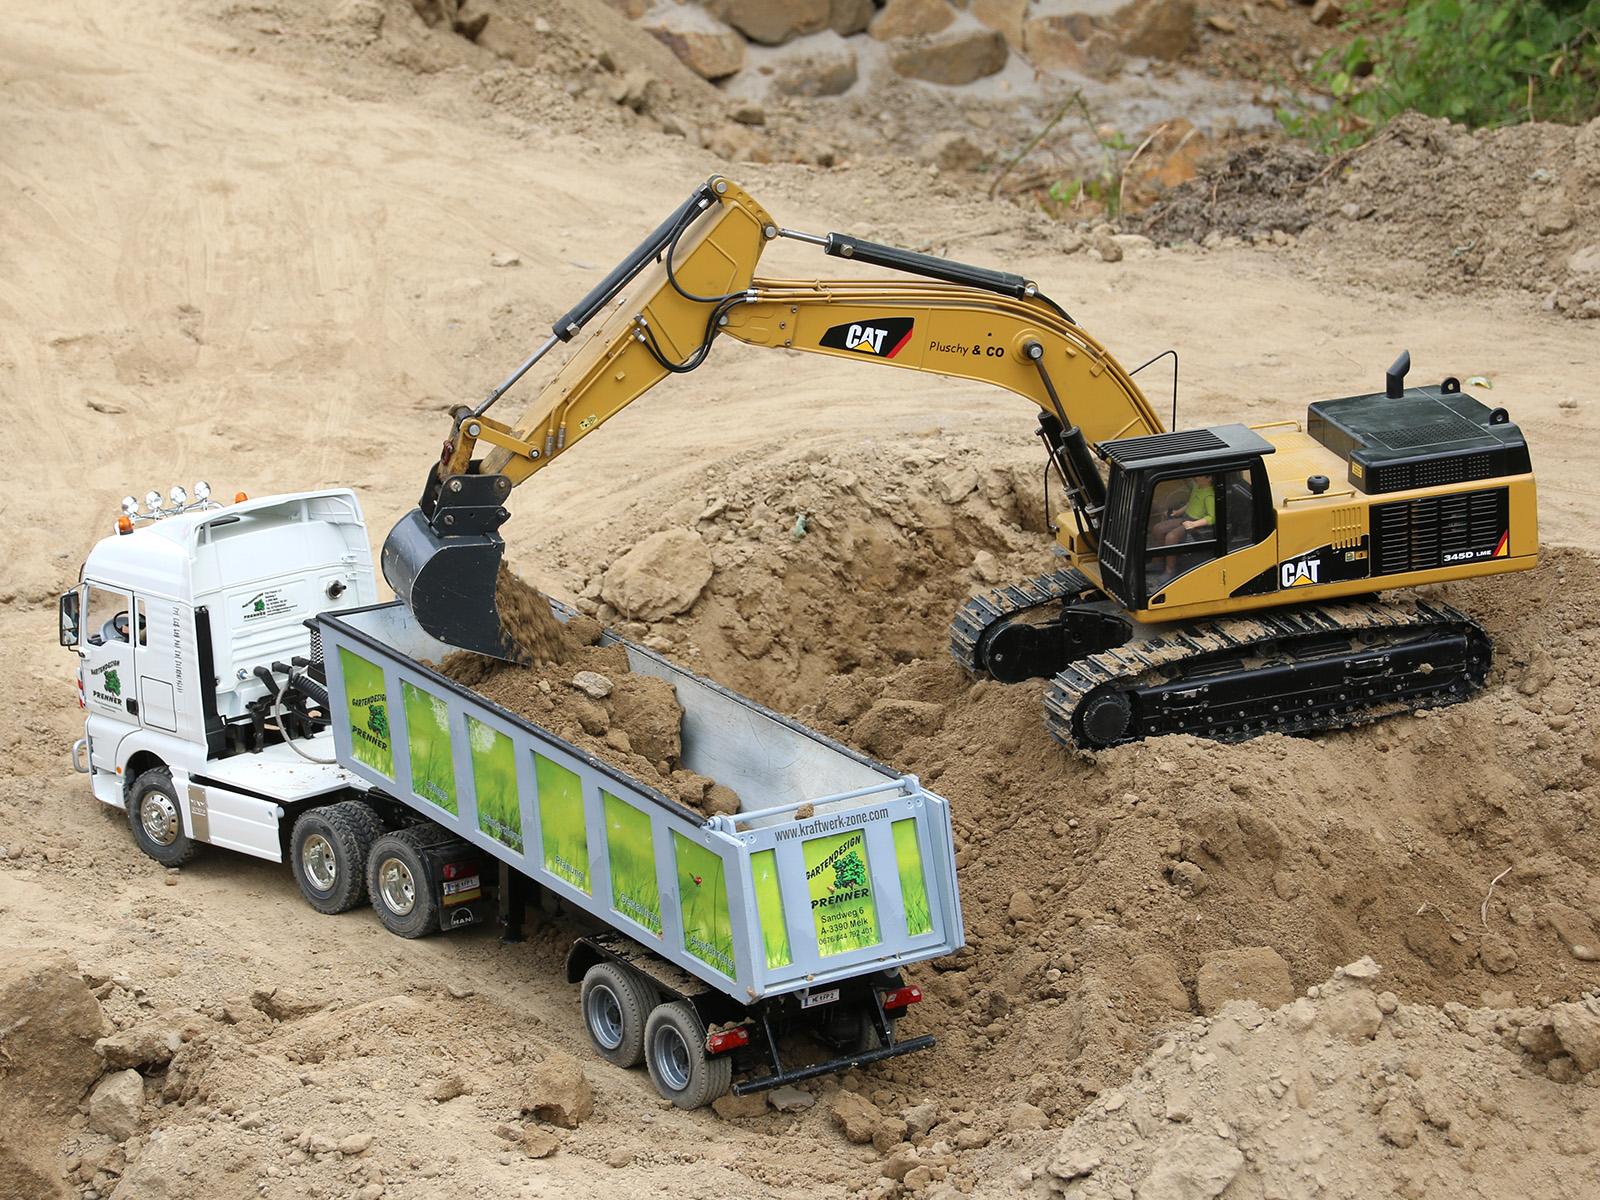 Die Modell-Baustelle © Doppeladler.com